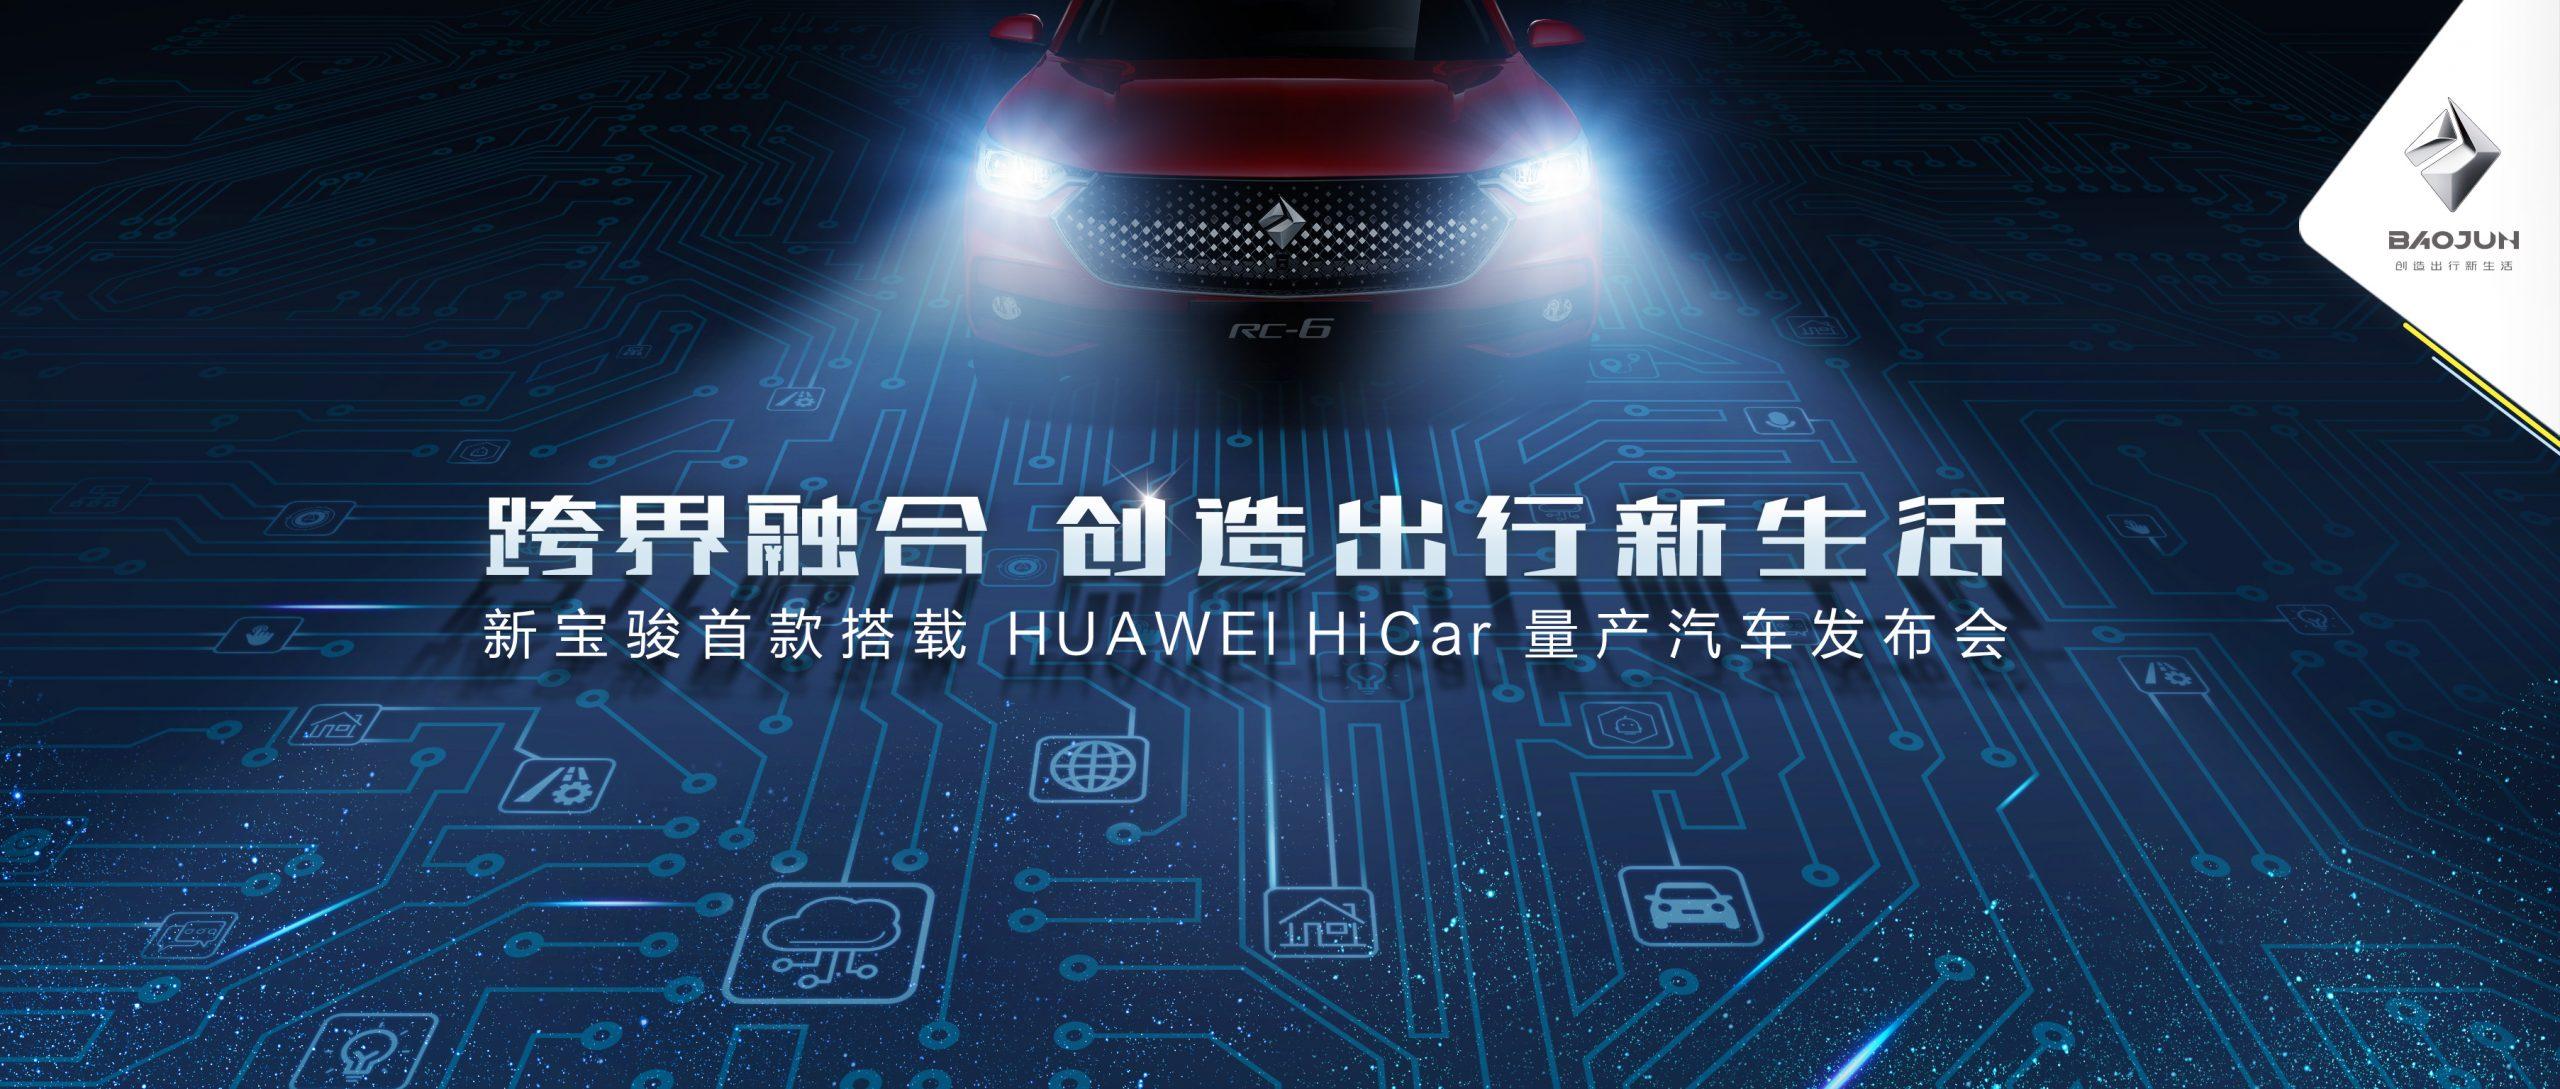 新宝骏首款搭载HUAWEI Hicar量产汽车即将成为现实